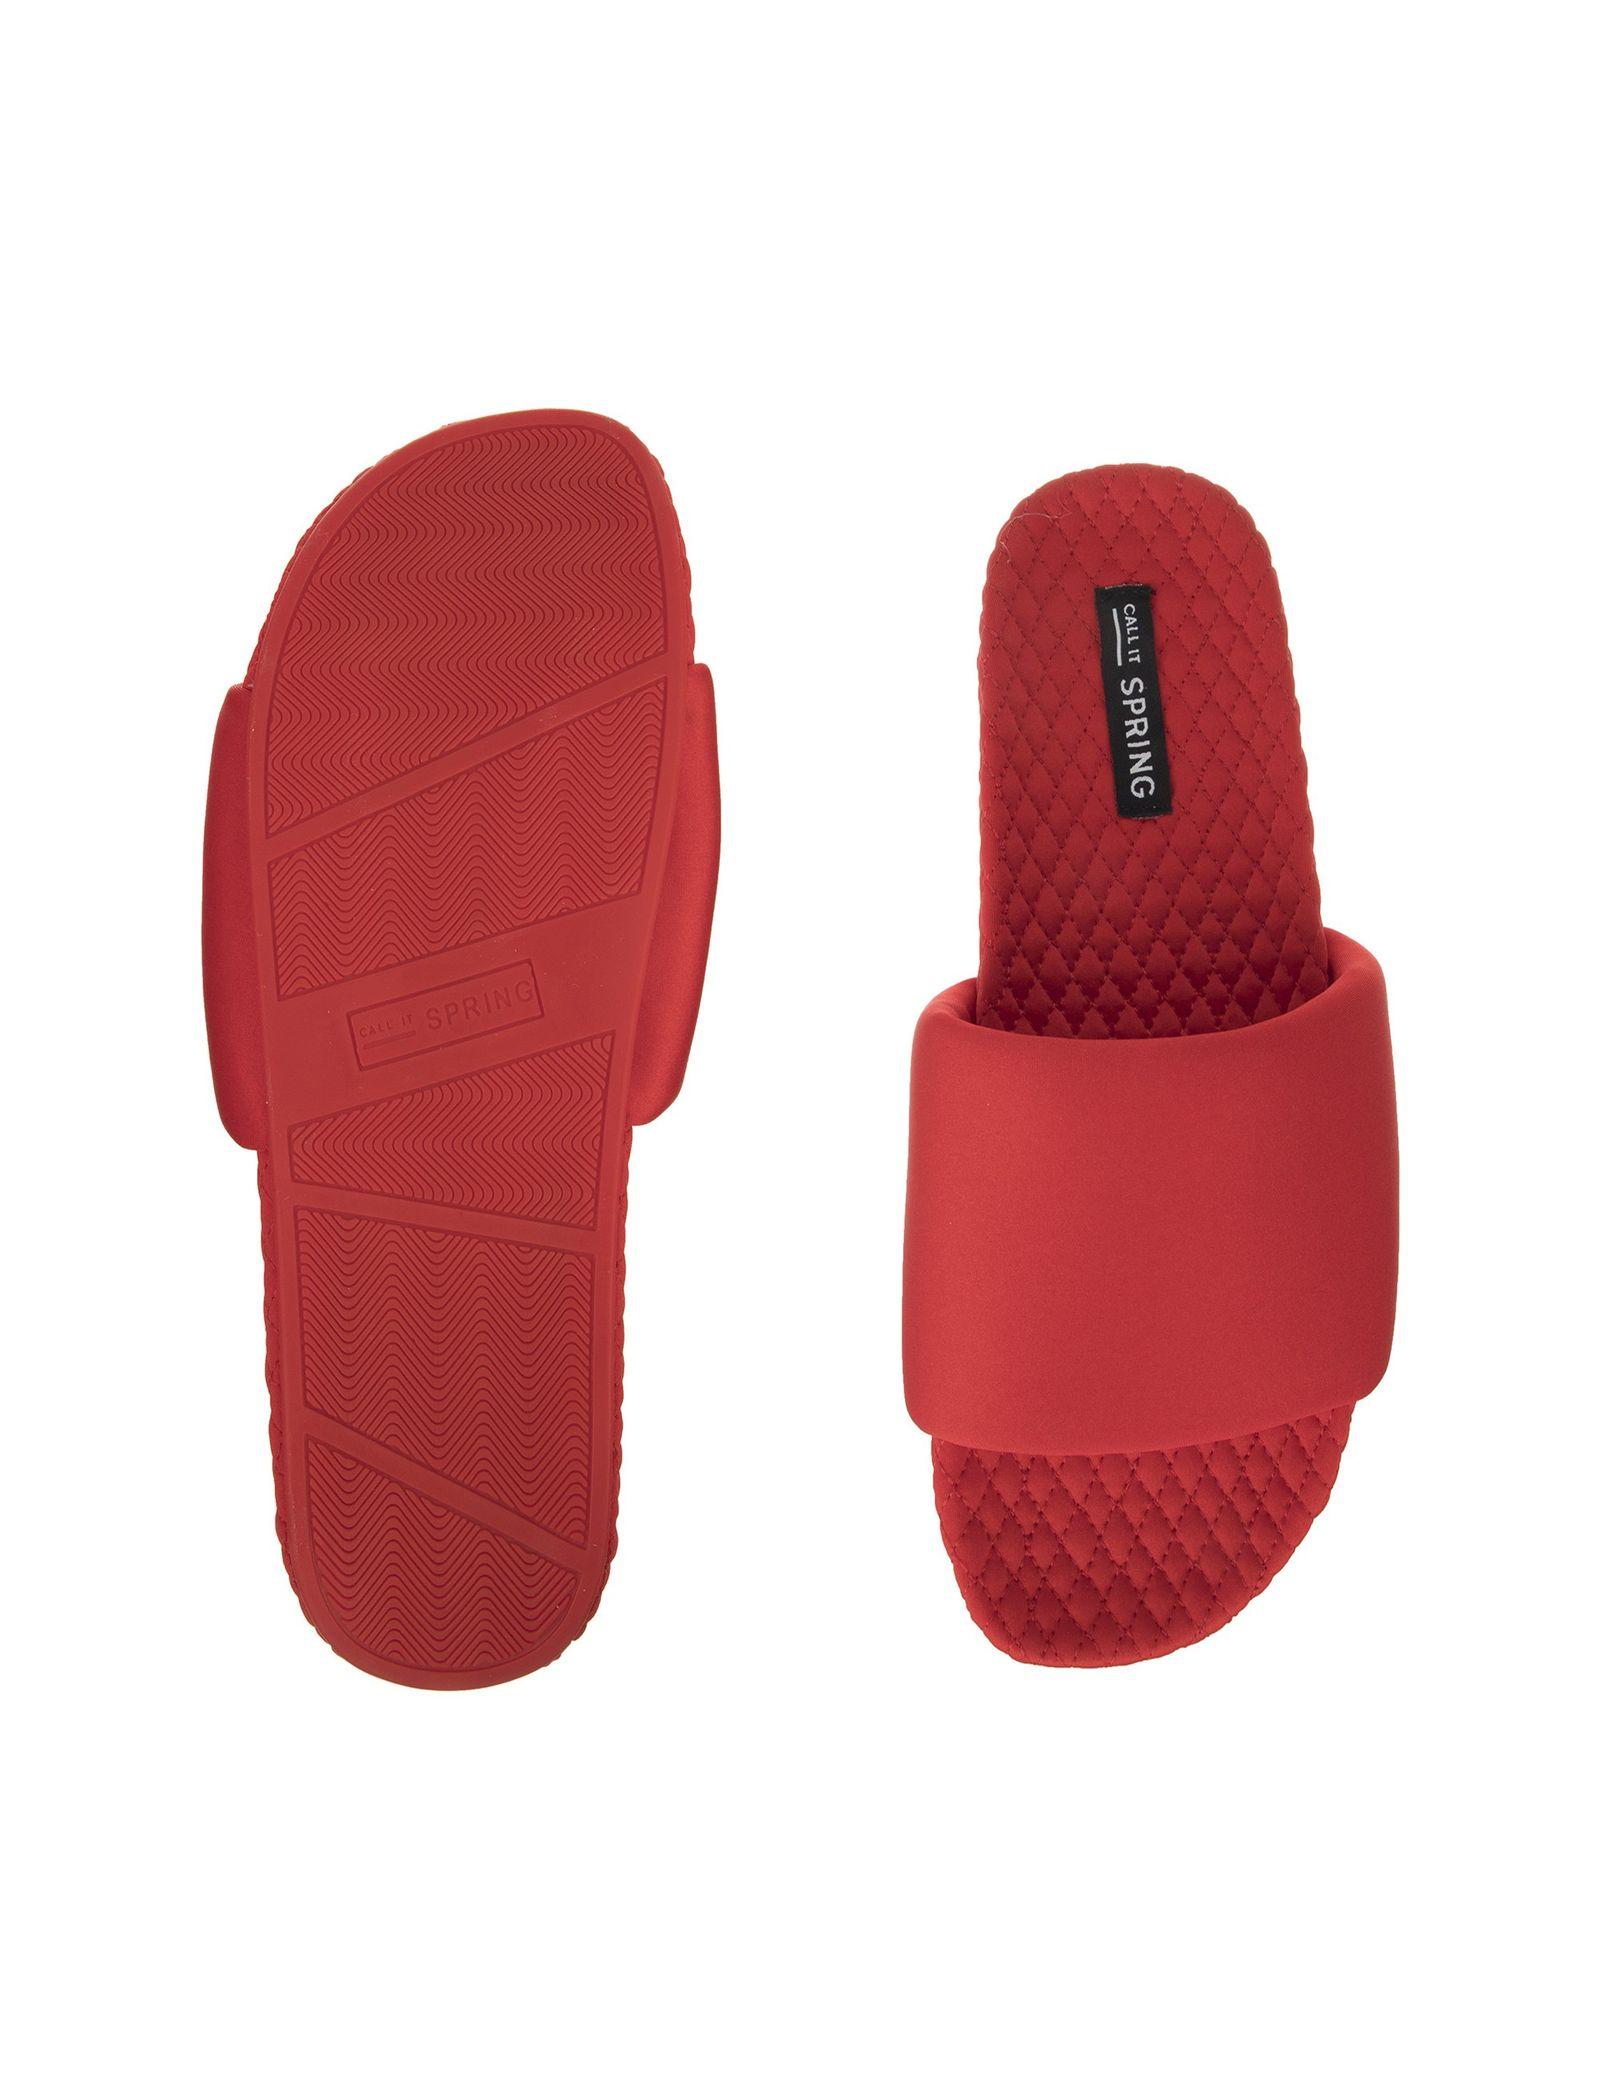 دمپایی روفرشی جلو باز زنانه - کال ایت اسپرینگ - قرمز - 6